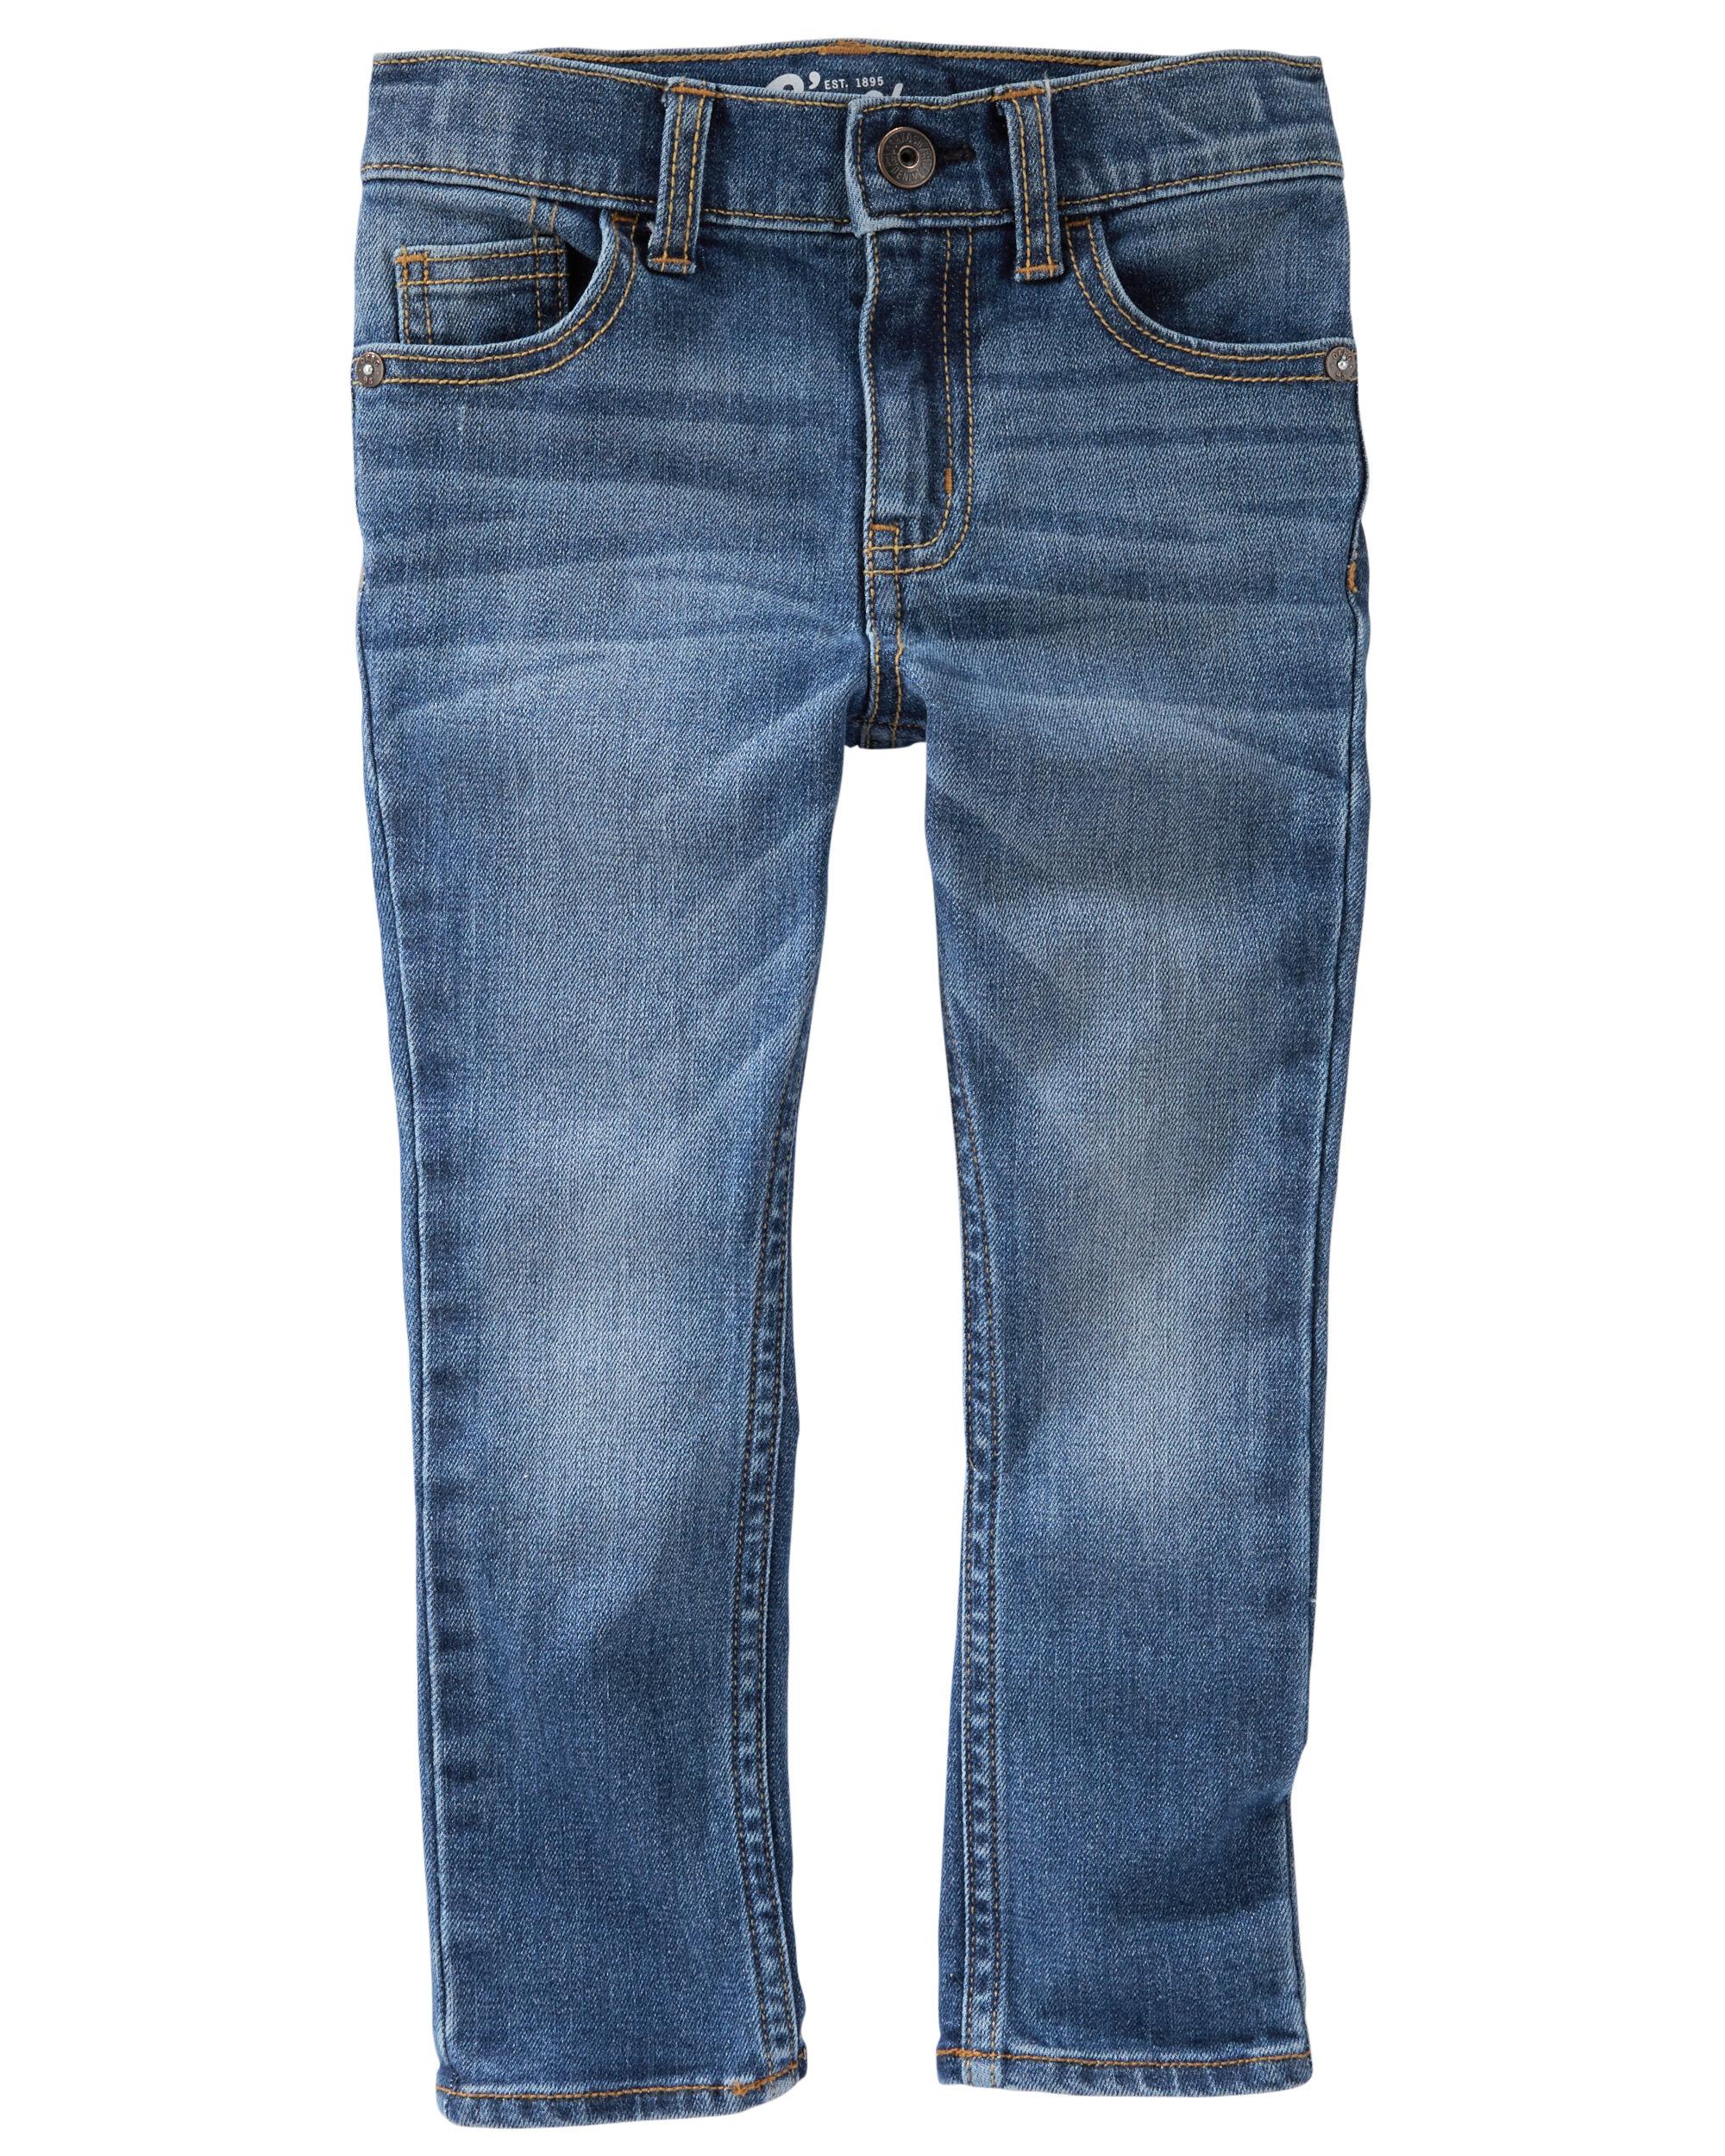 Skinny Jeans Indigo Bright Oshkosh